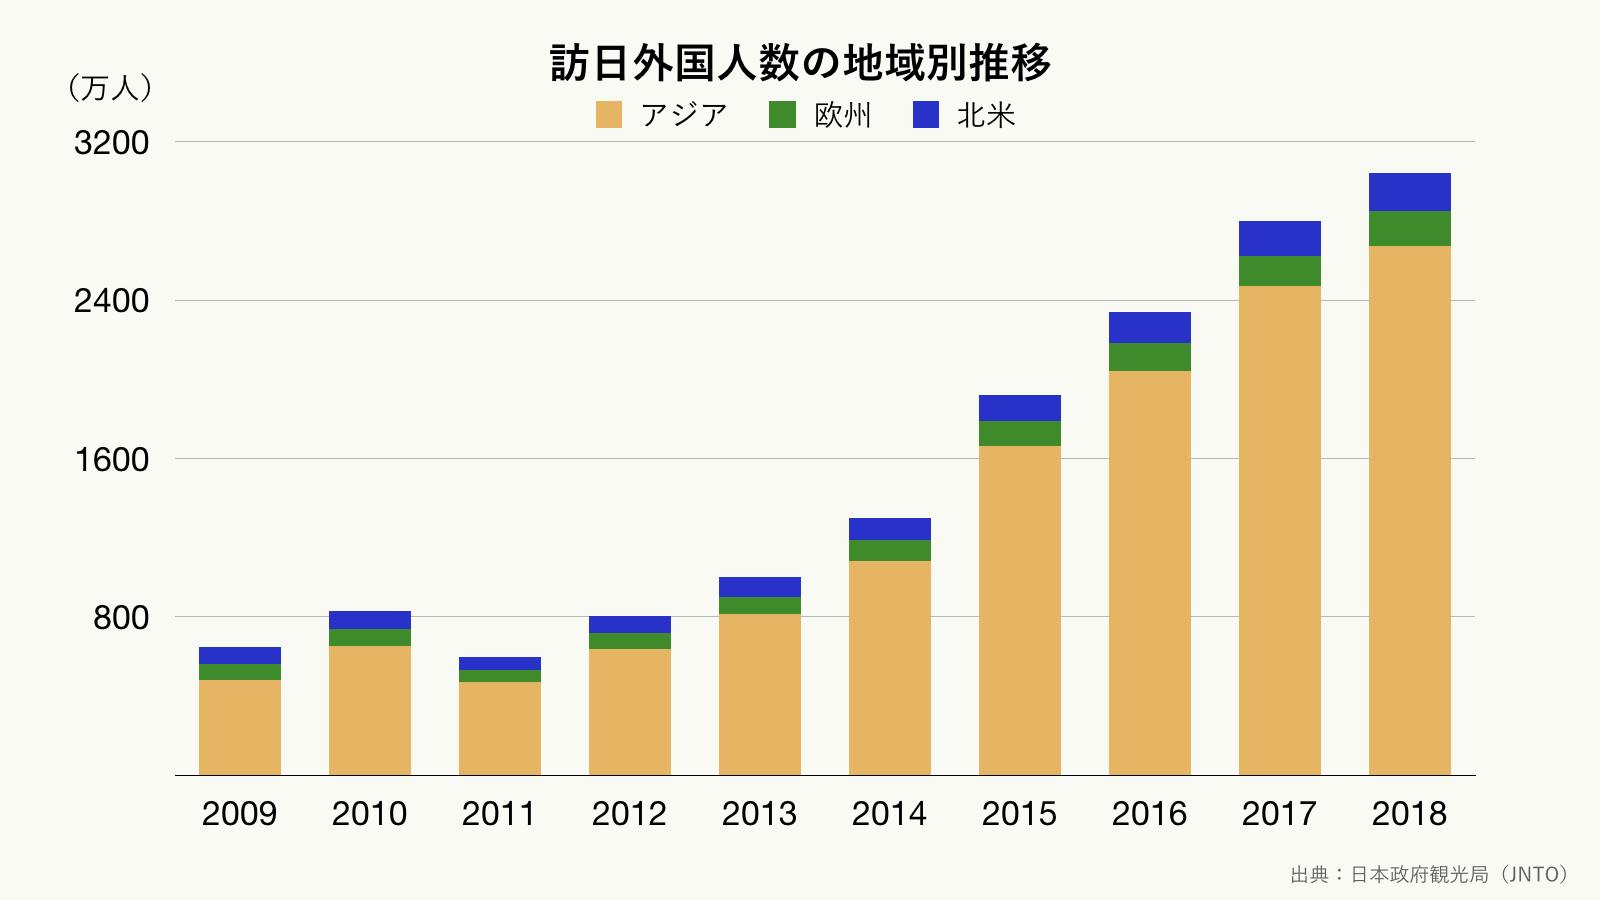 訪日外国人数の地域別推移のグラフ(クリーム)